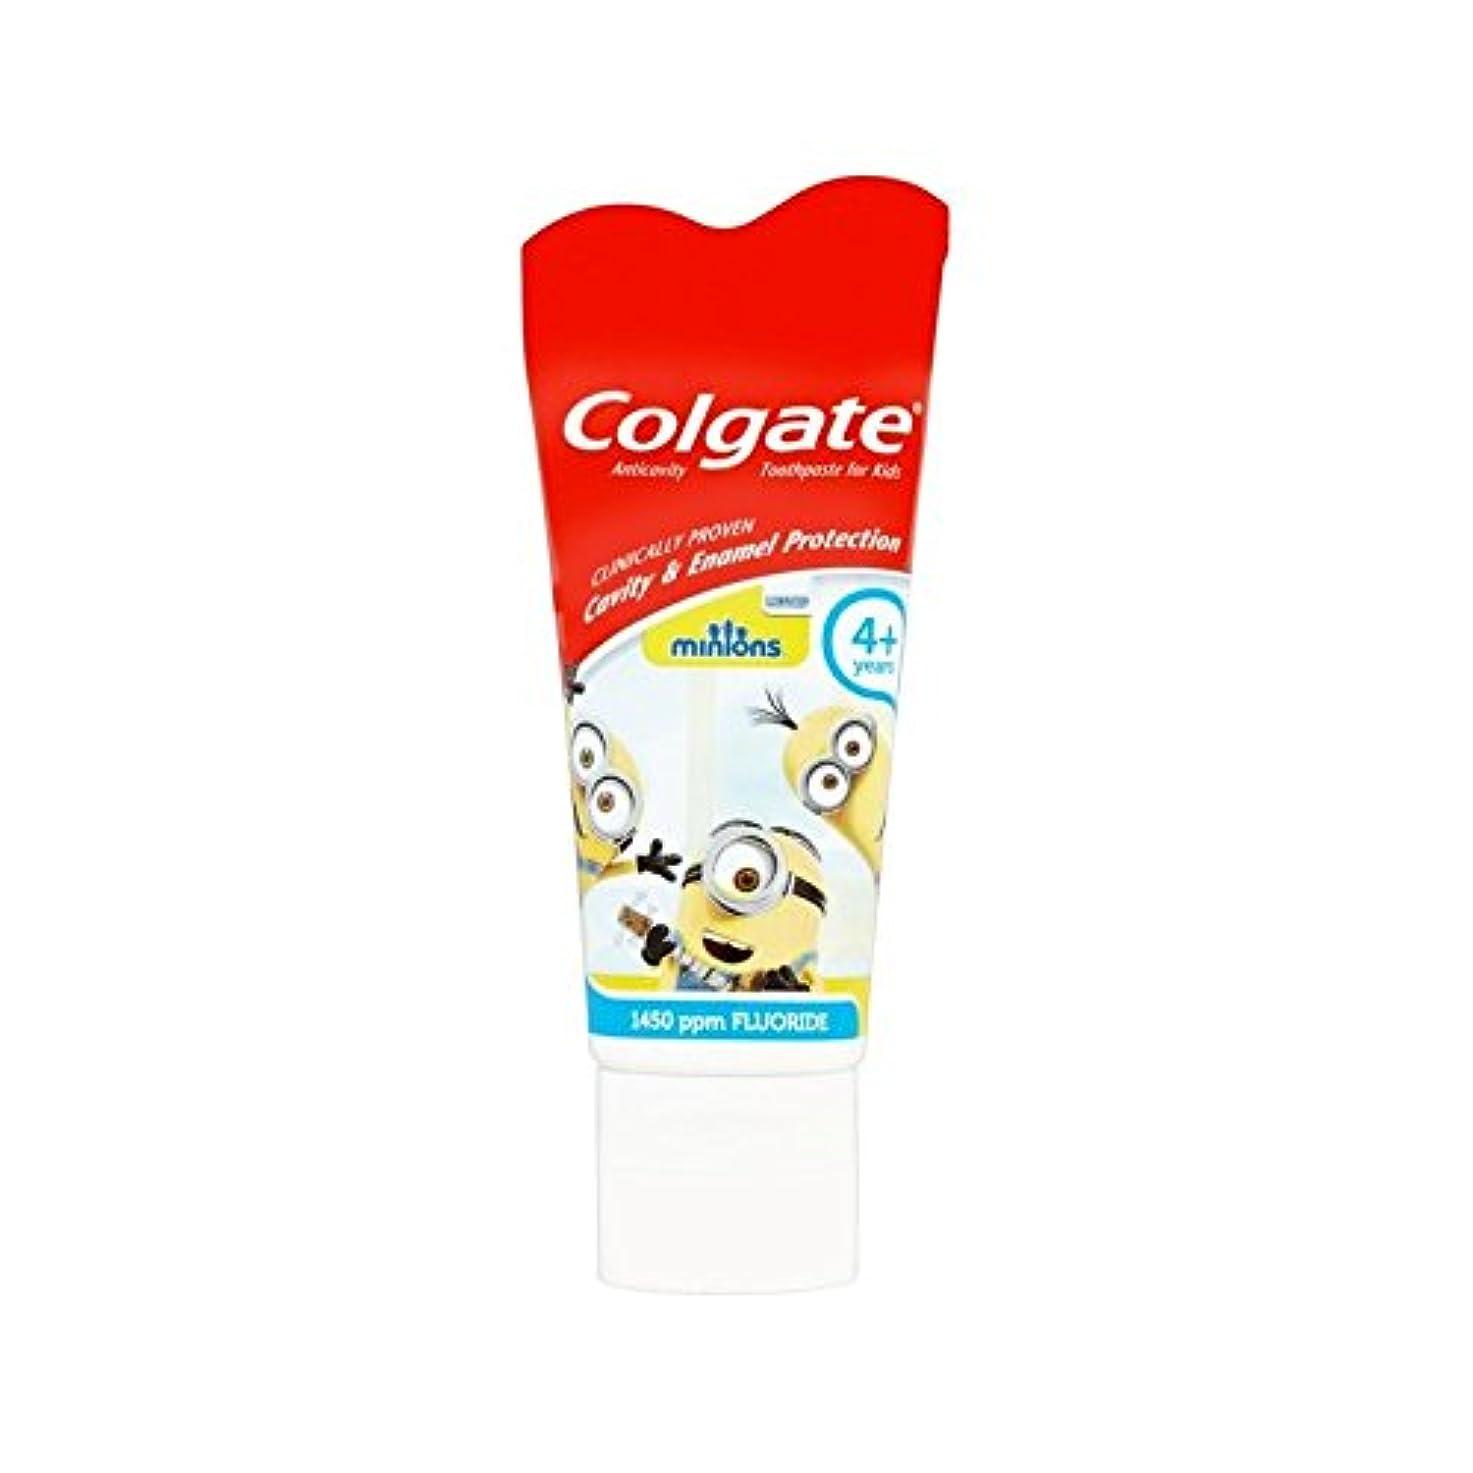 大ニコチンパラシュート手下の子供4+歯磨き粉50ミリリットル (Colgate) (x 4) - Colgate Minions Kids 4+ Toothpaste 50ml (Pack of 4) [並行輸入品]